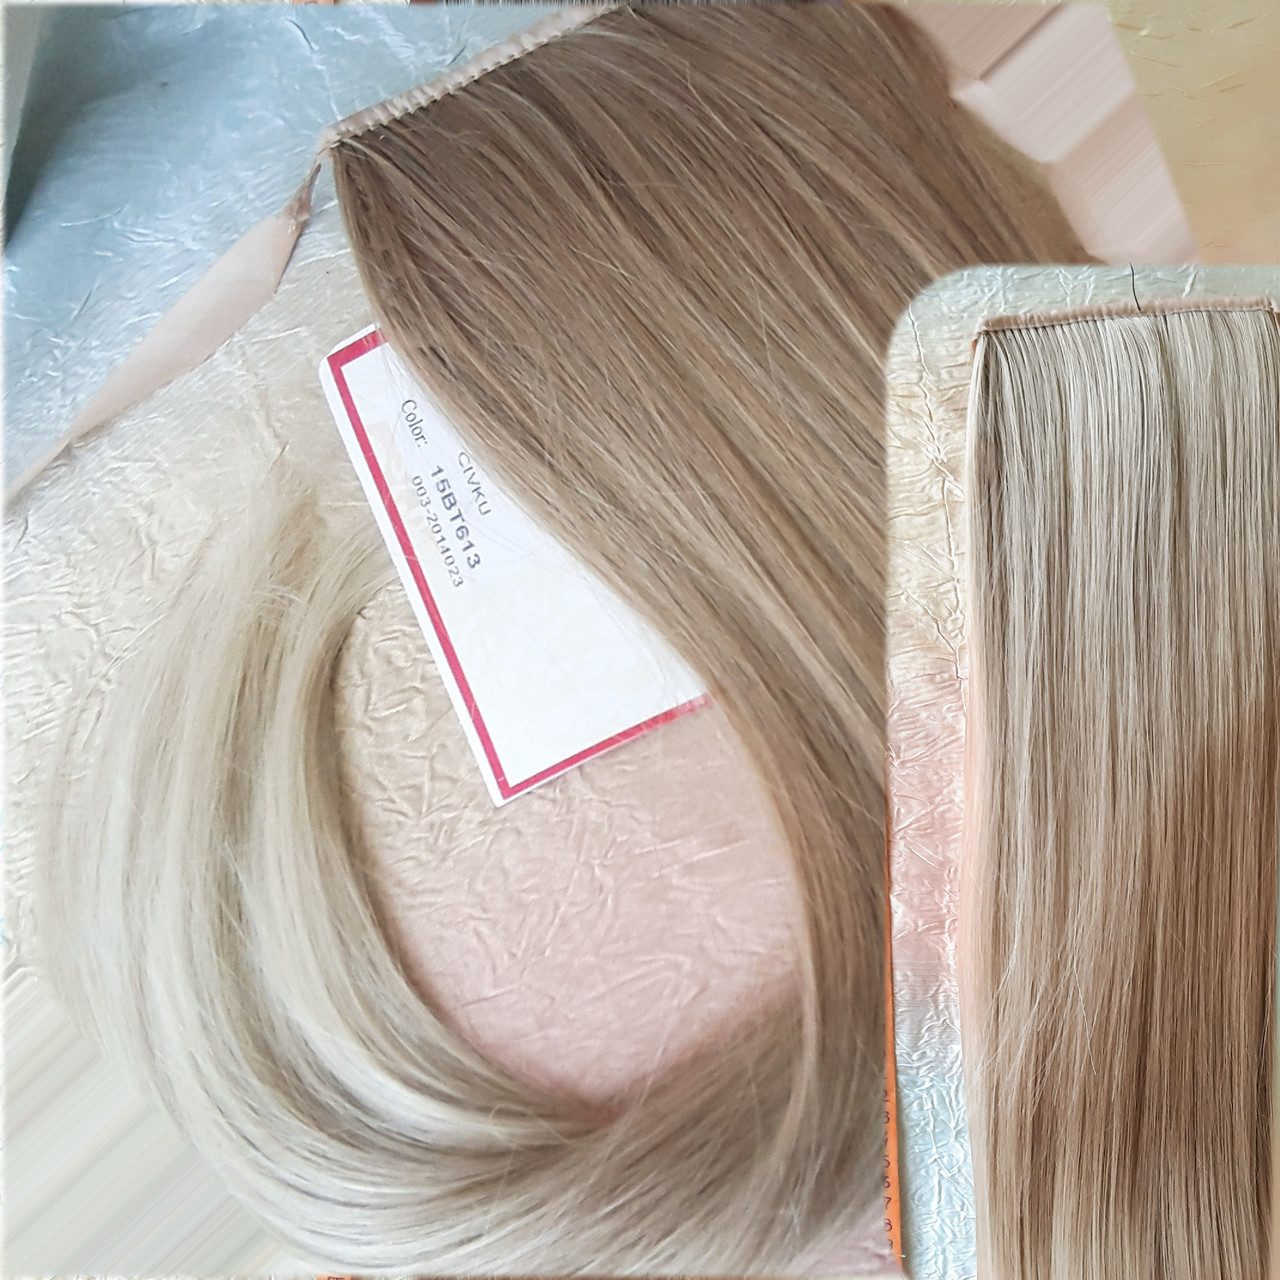 Хвост прямой на ленте платиновый блонд CIVK-15ВТ613